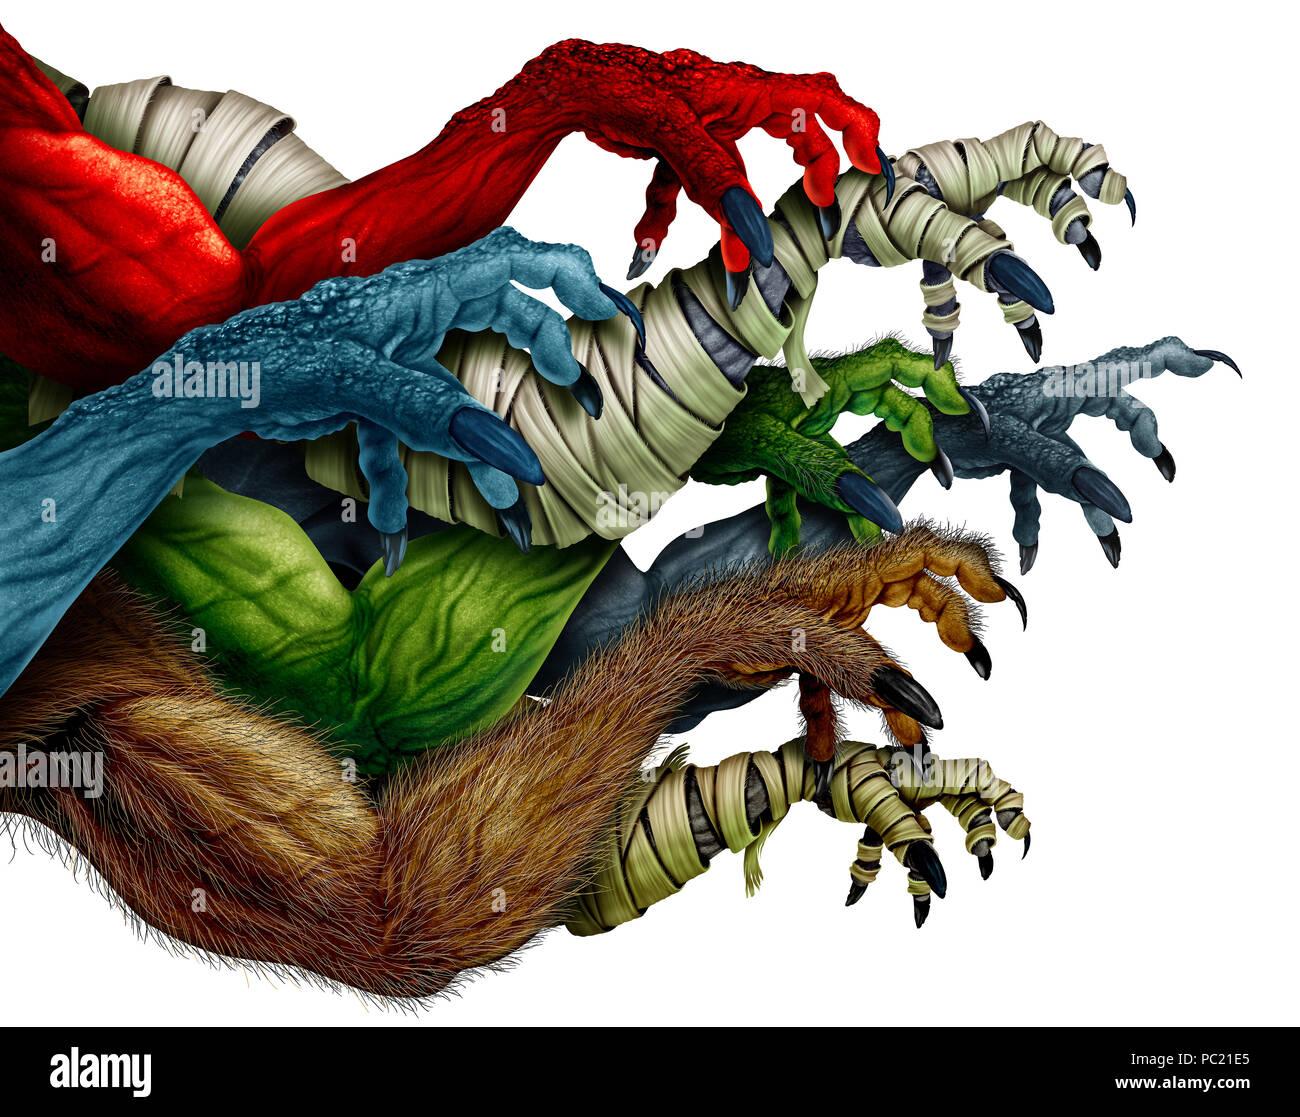 Gruppe von Monster Waffen auf einem weißen Hintergrund als grabbing zombie Mumie Werwolf und roten Daemon Als gruselige Halloween Design Element isoliert. Stockbild